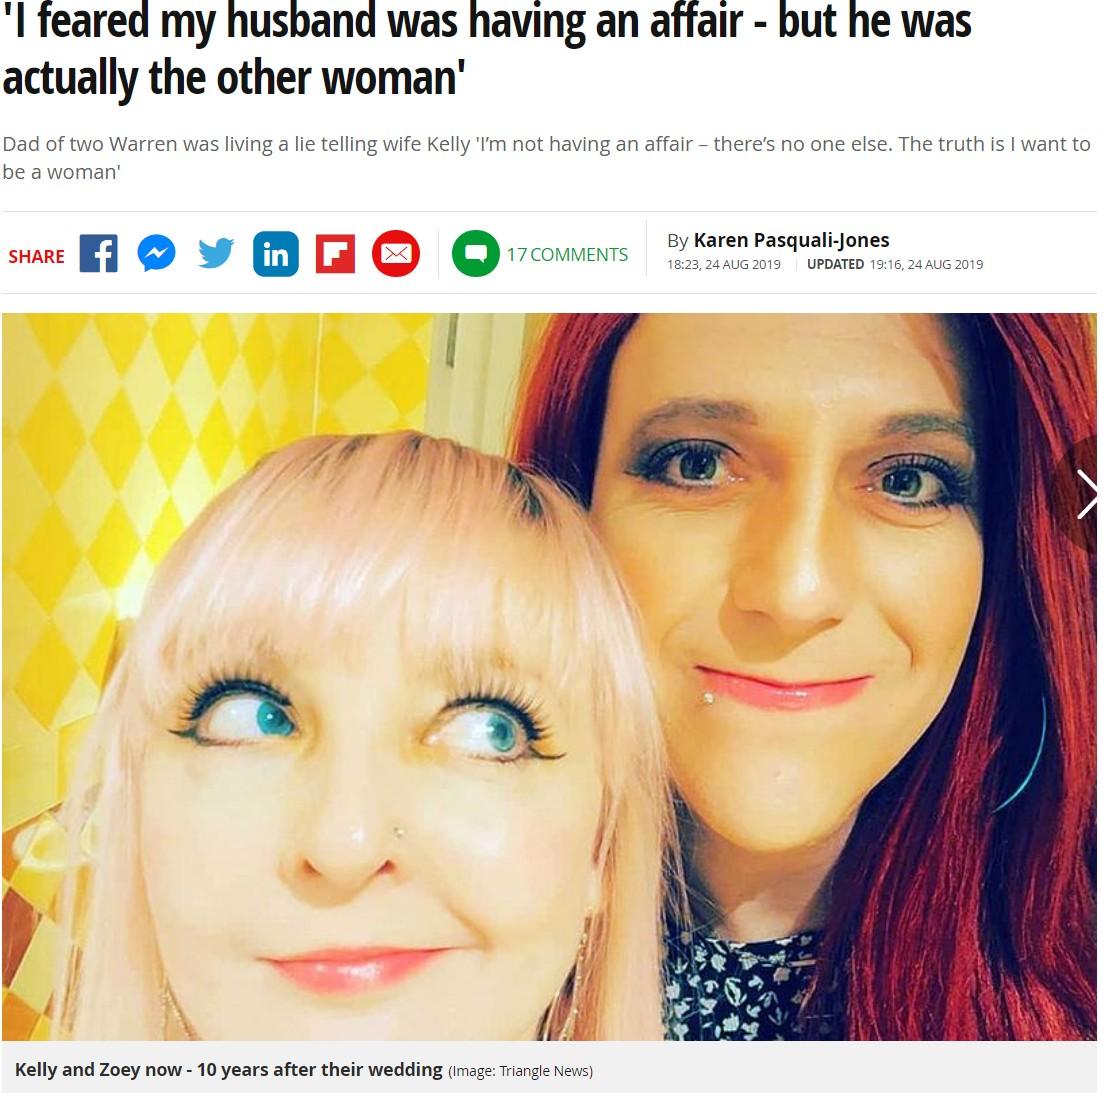 女性として生きることを決意した夫(右)と妻(画像は『2019年8月24日付 Mirror「'I feared my husband was having an affair - but he was actually the other woman'」(Image: Triangle News)』のスクリーンショット)